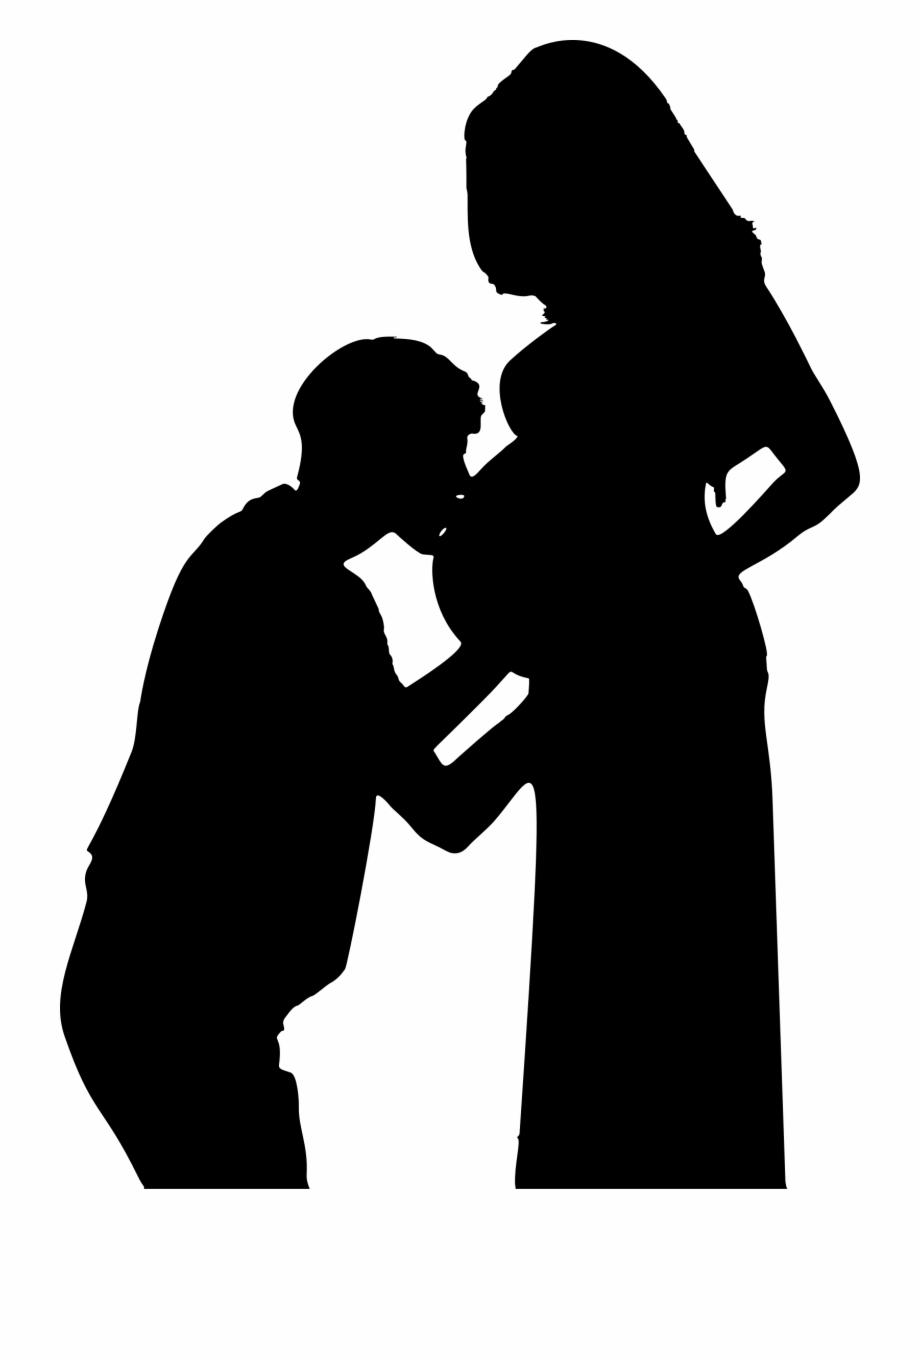 Free Pregnant Silhouette Clip Art, Download Free Clip Art.